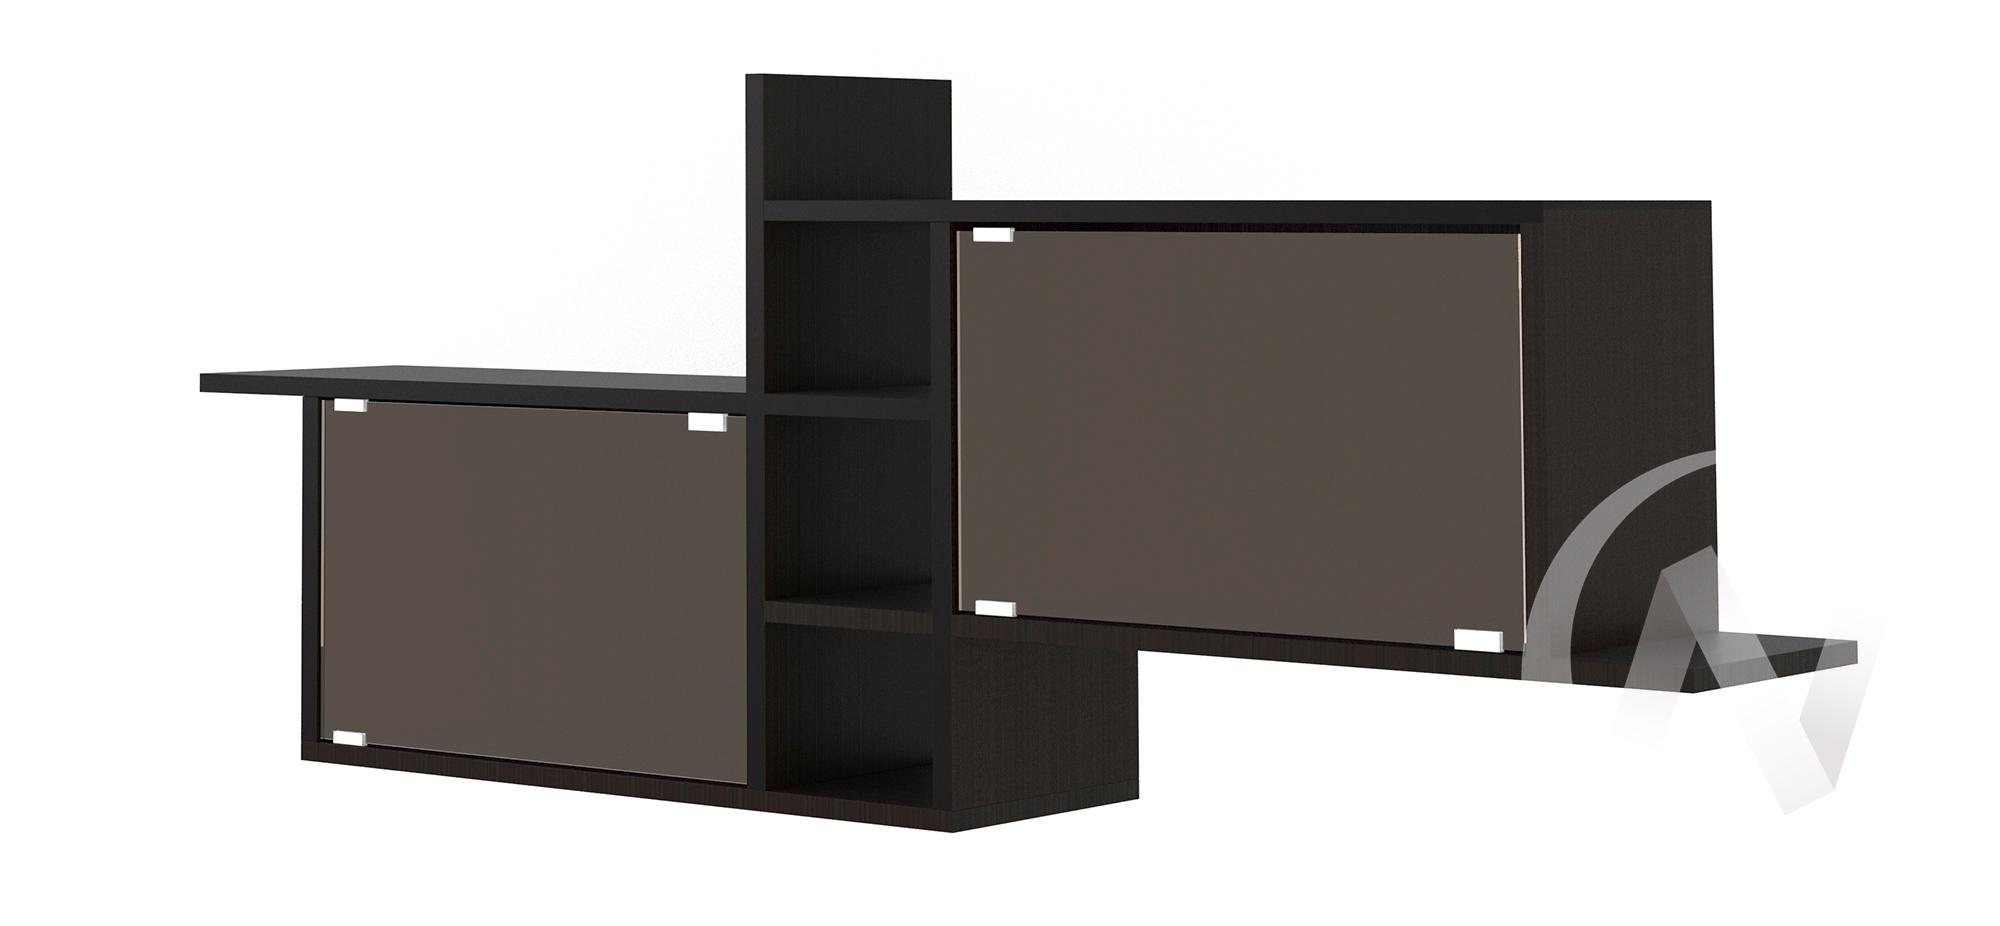 Дверцы стеклянные к полке навесной ПН-1  в Томске — интернет магазин МИРА-мебель